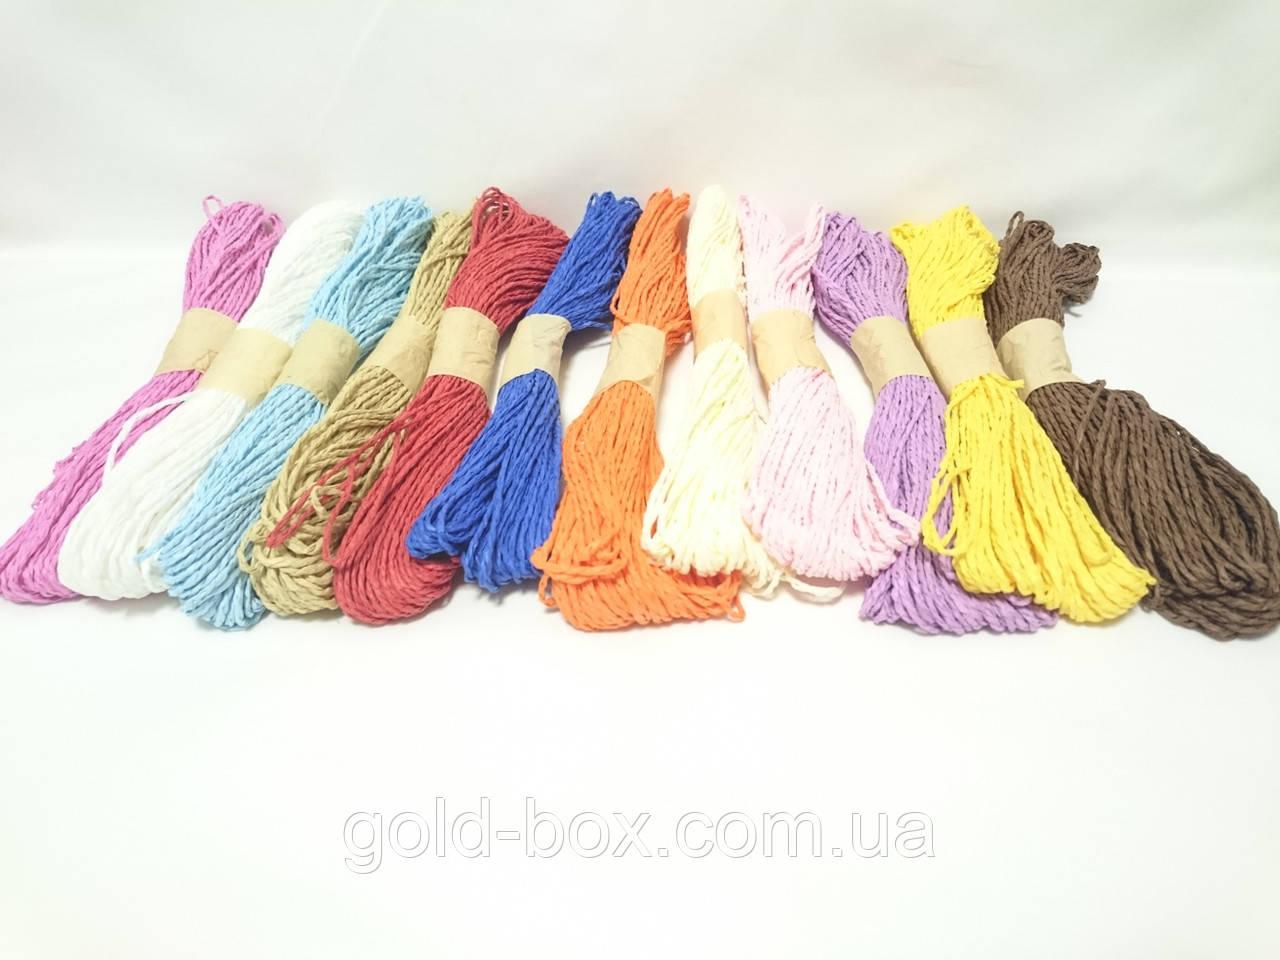 Бечевка Ткань Бечевка Наборы Волховская Станок Бечевка Наборы для вязания шарфа